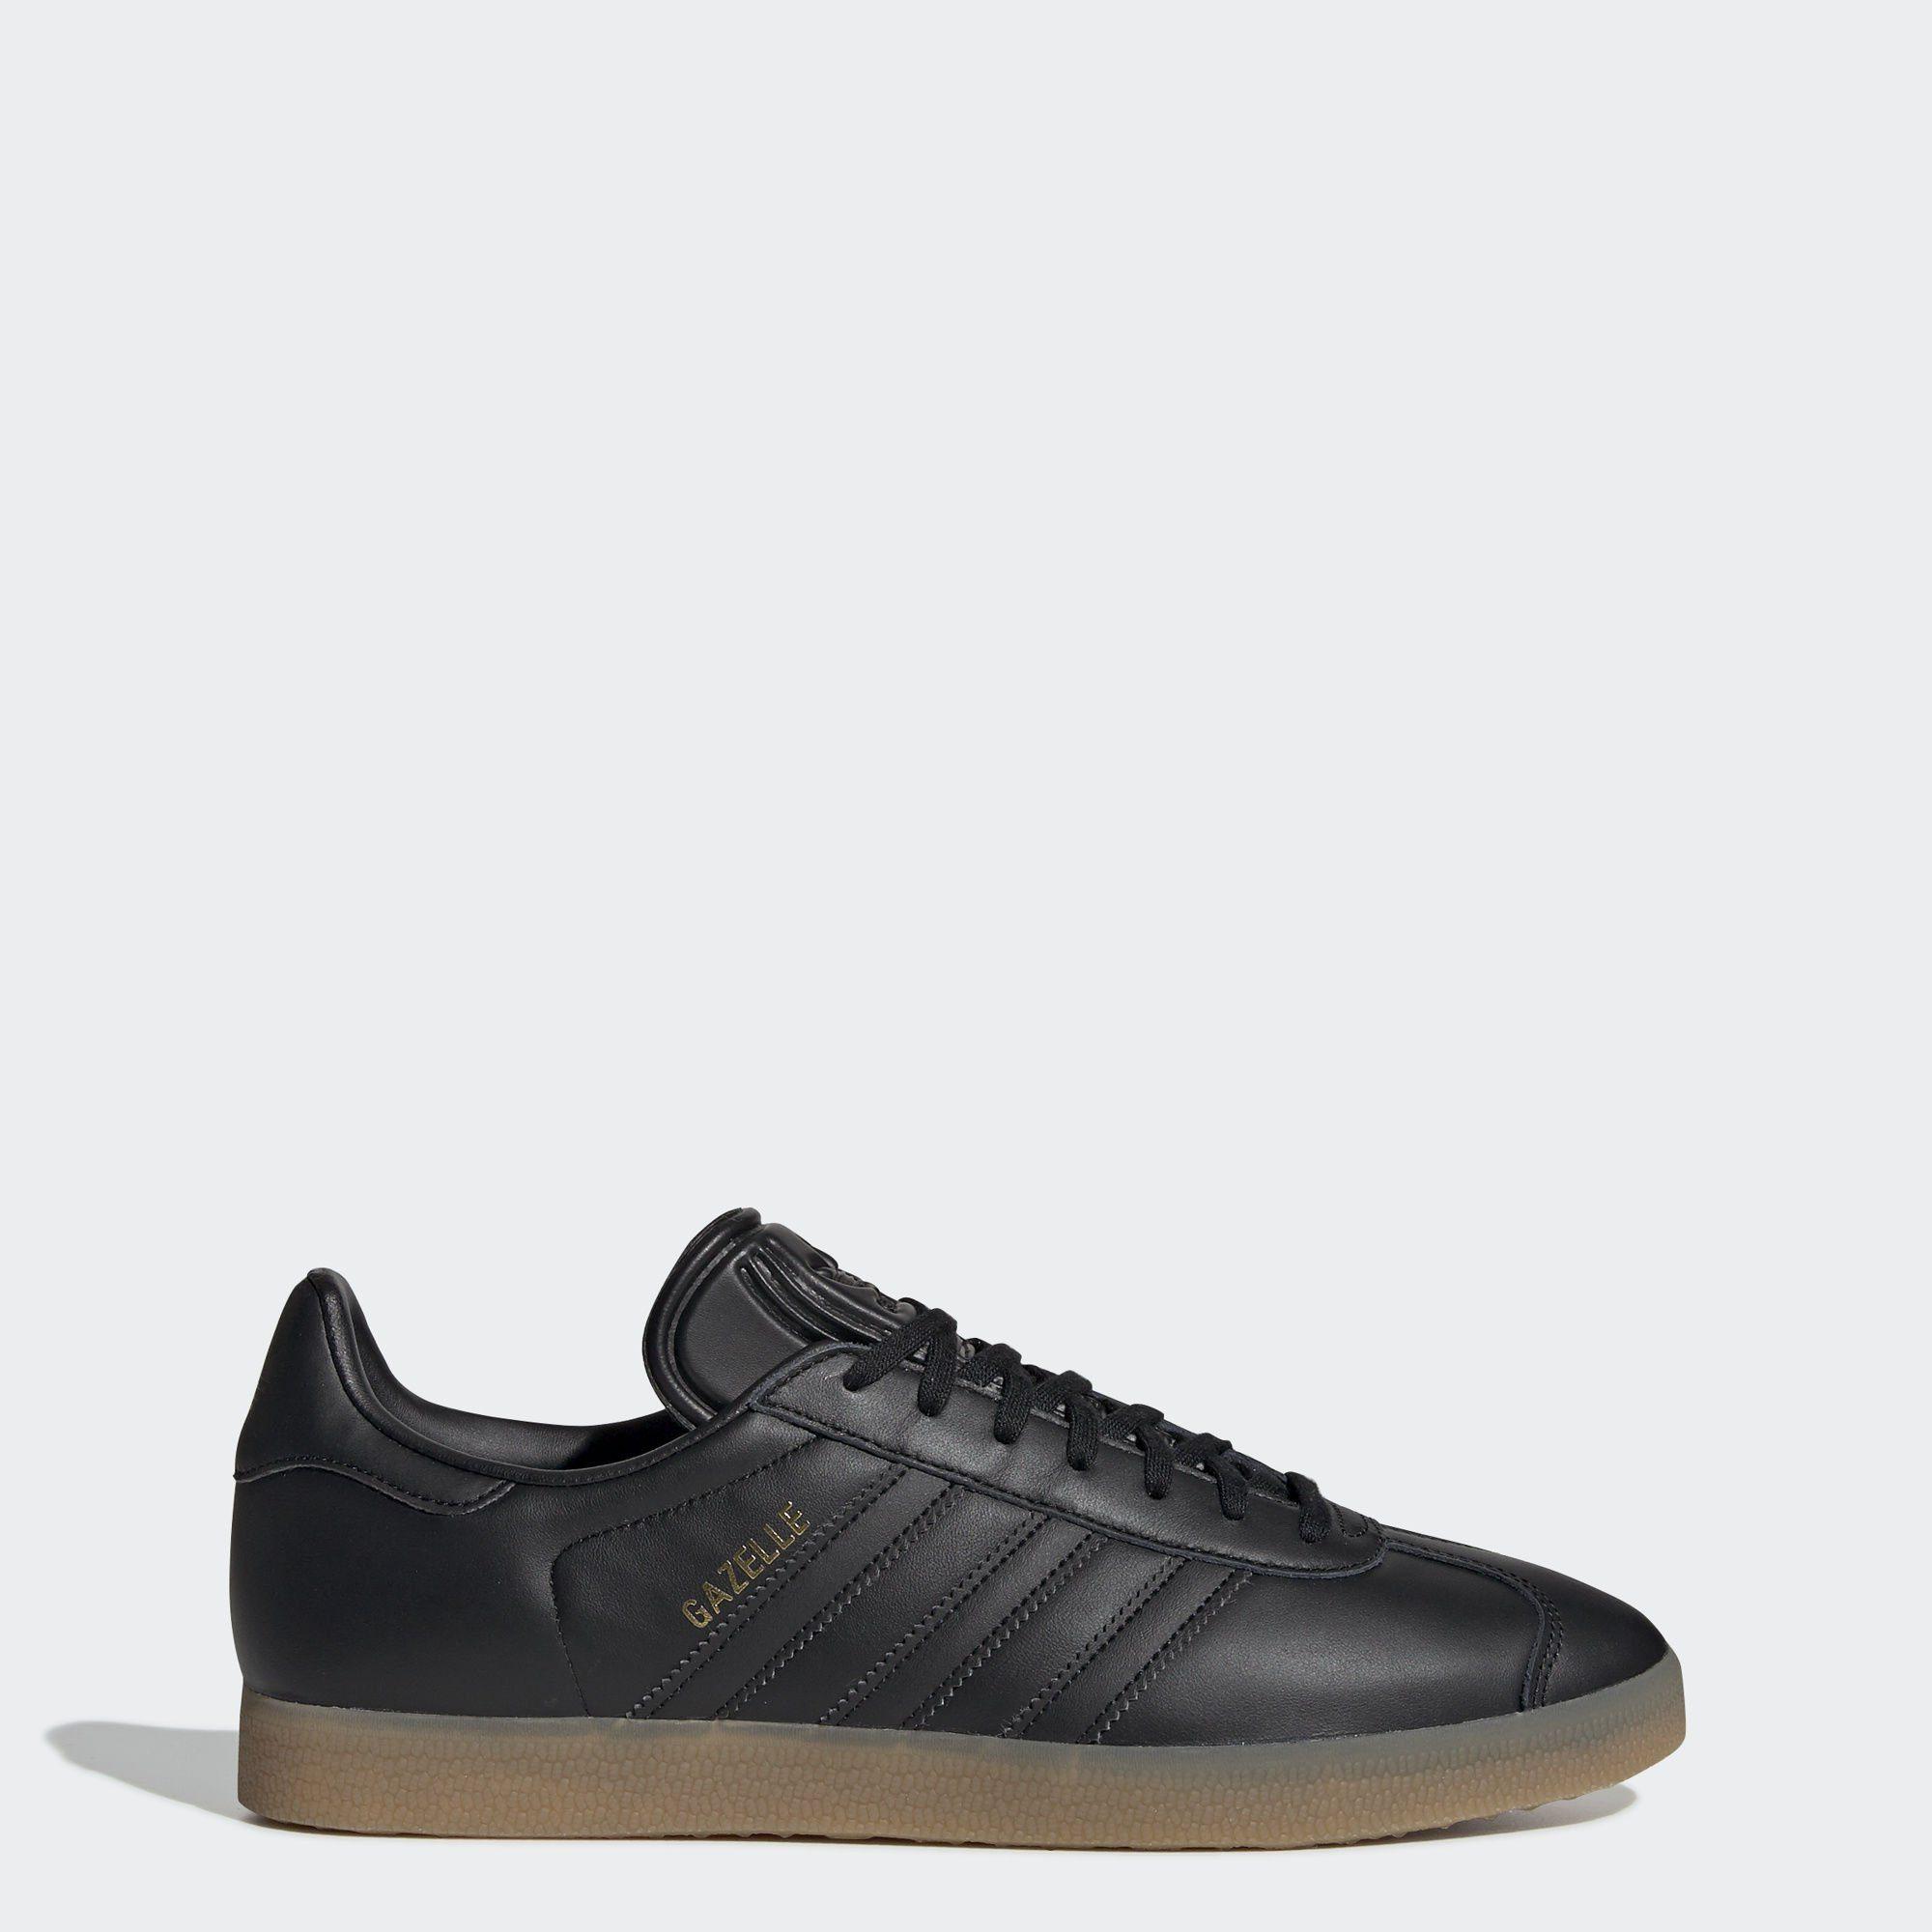 adidas Originals »Gazelle Schuh« Sneaker Gazelle;Trefoil online kaufen | OTTO